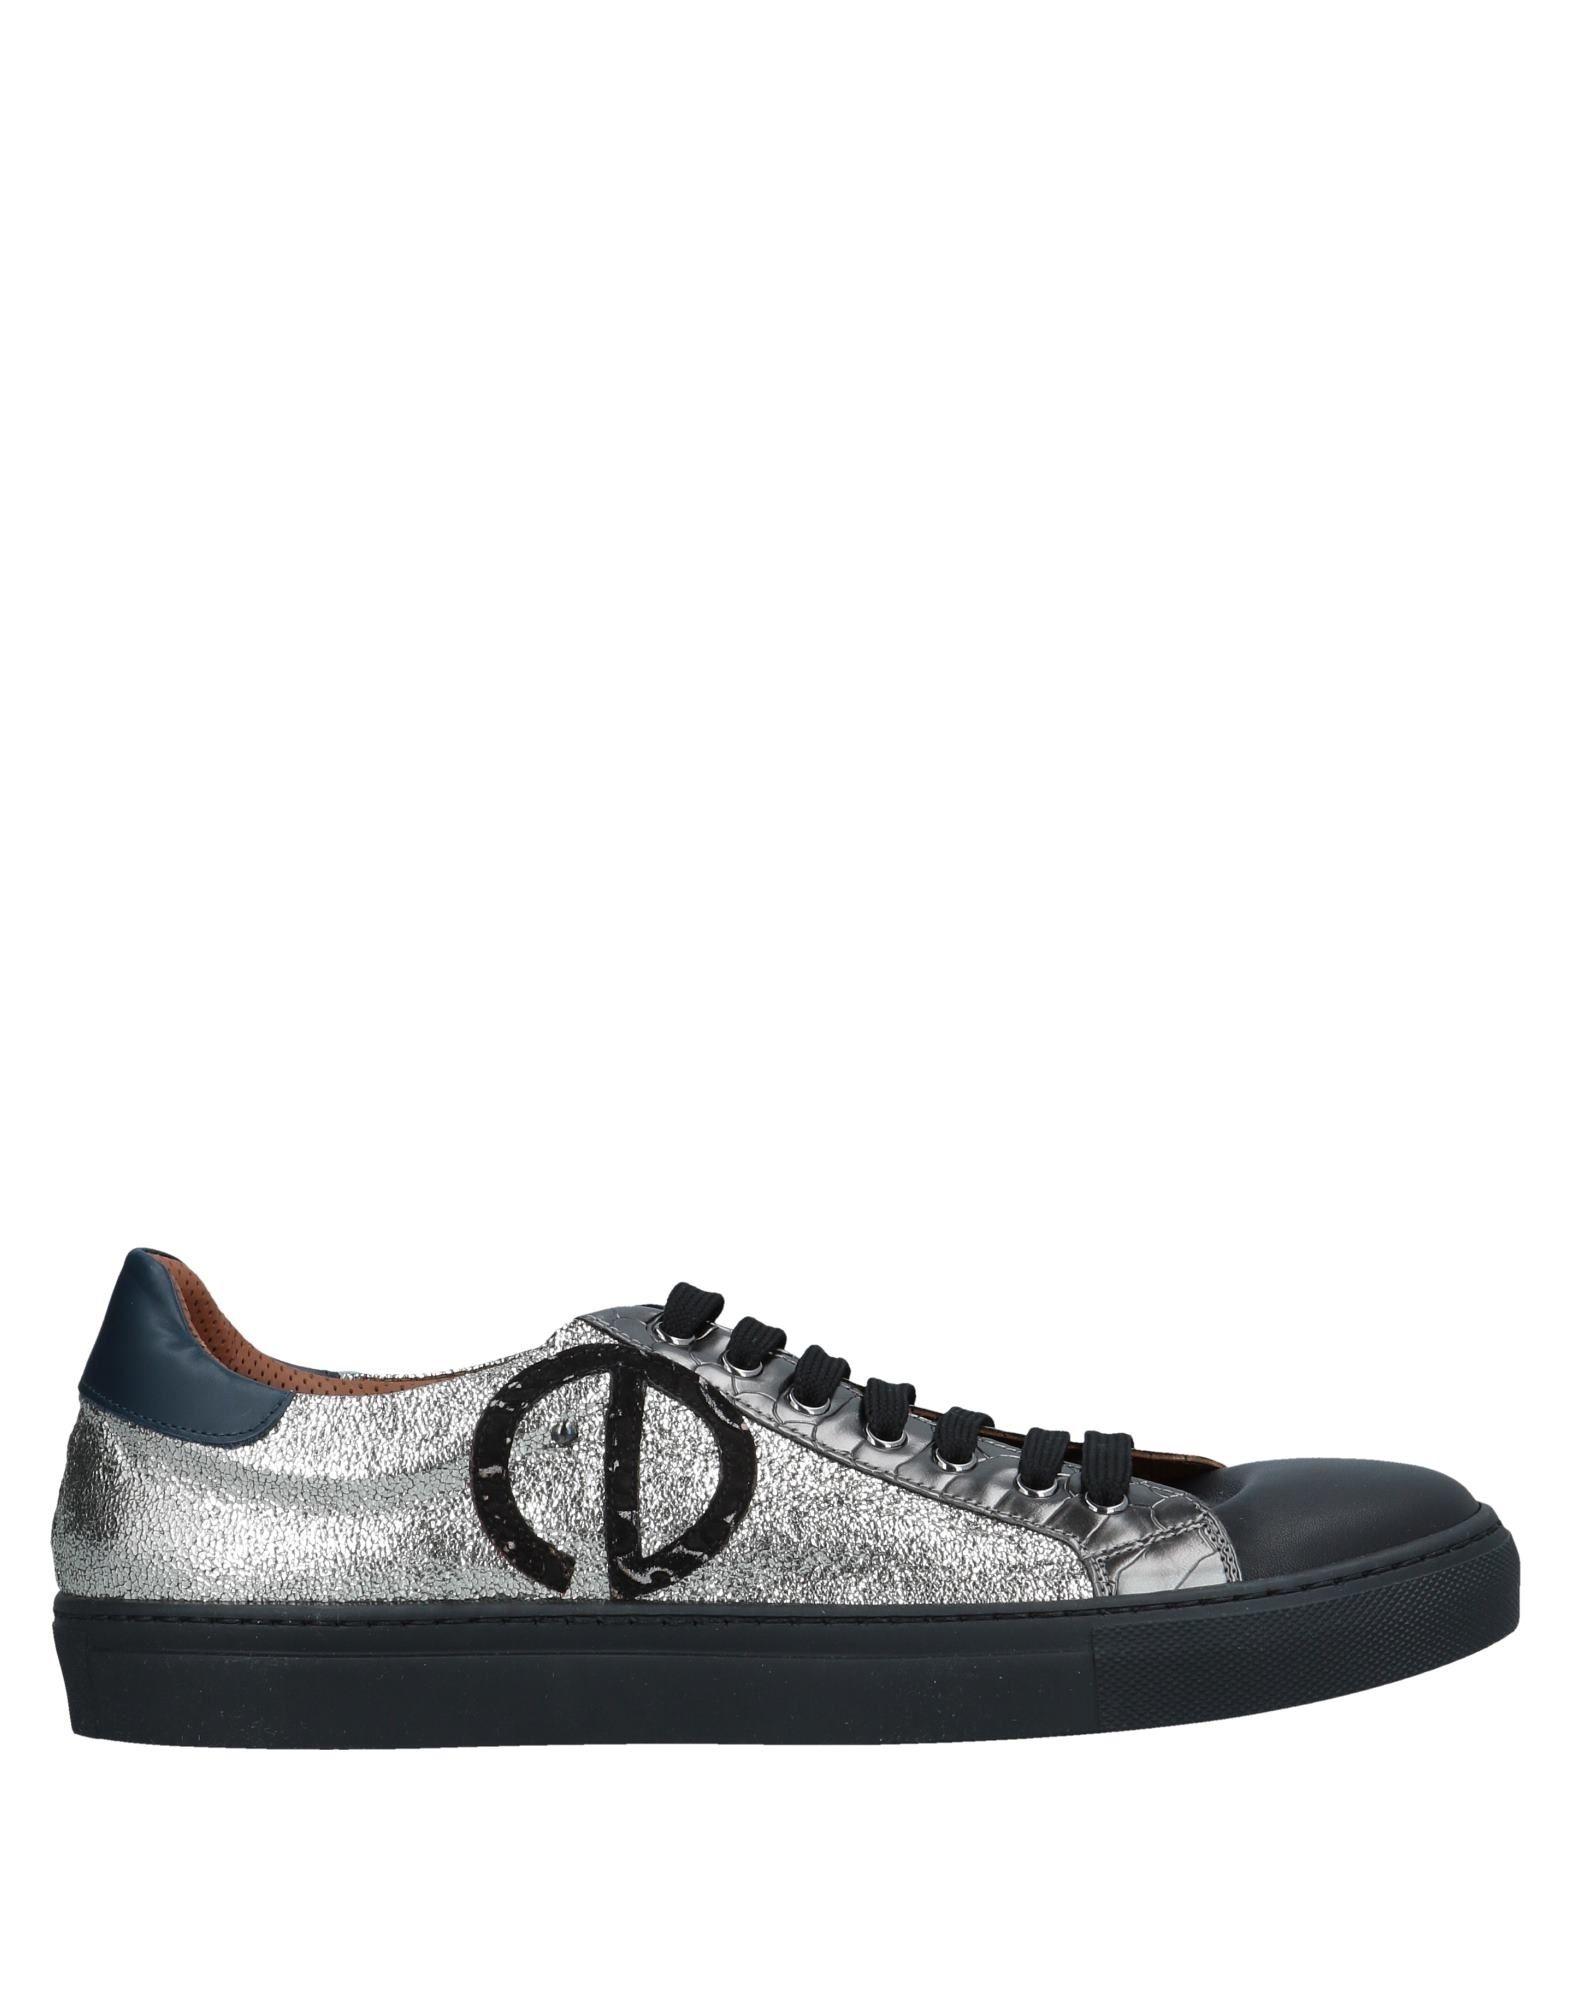 Rabatt Herren echte Schuhe Ebarrito Sneakers Herren Rabatt  11521275RM 4b607c